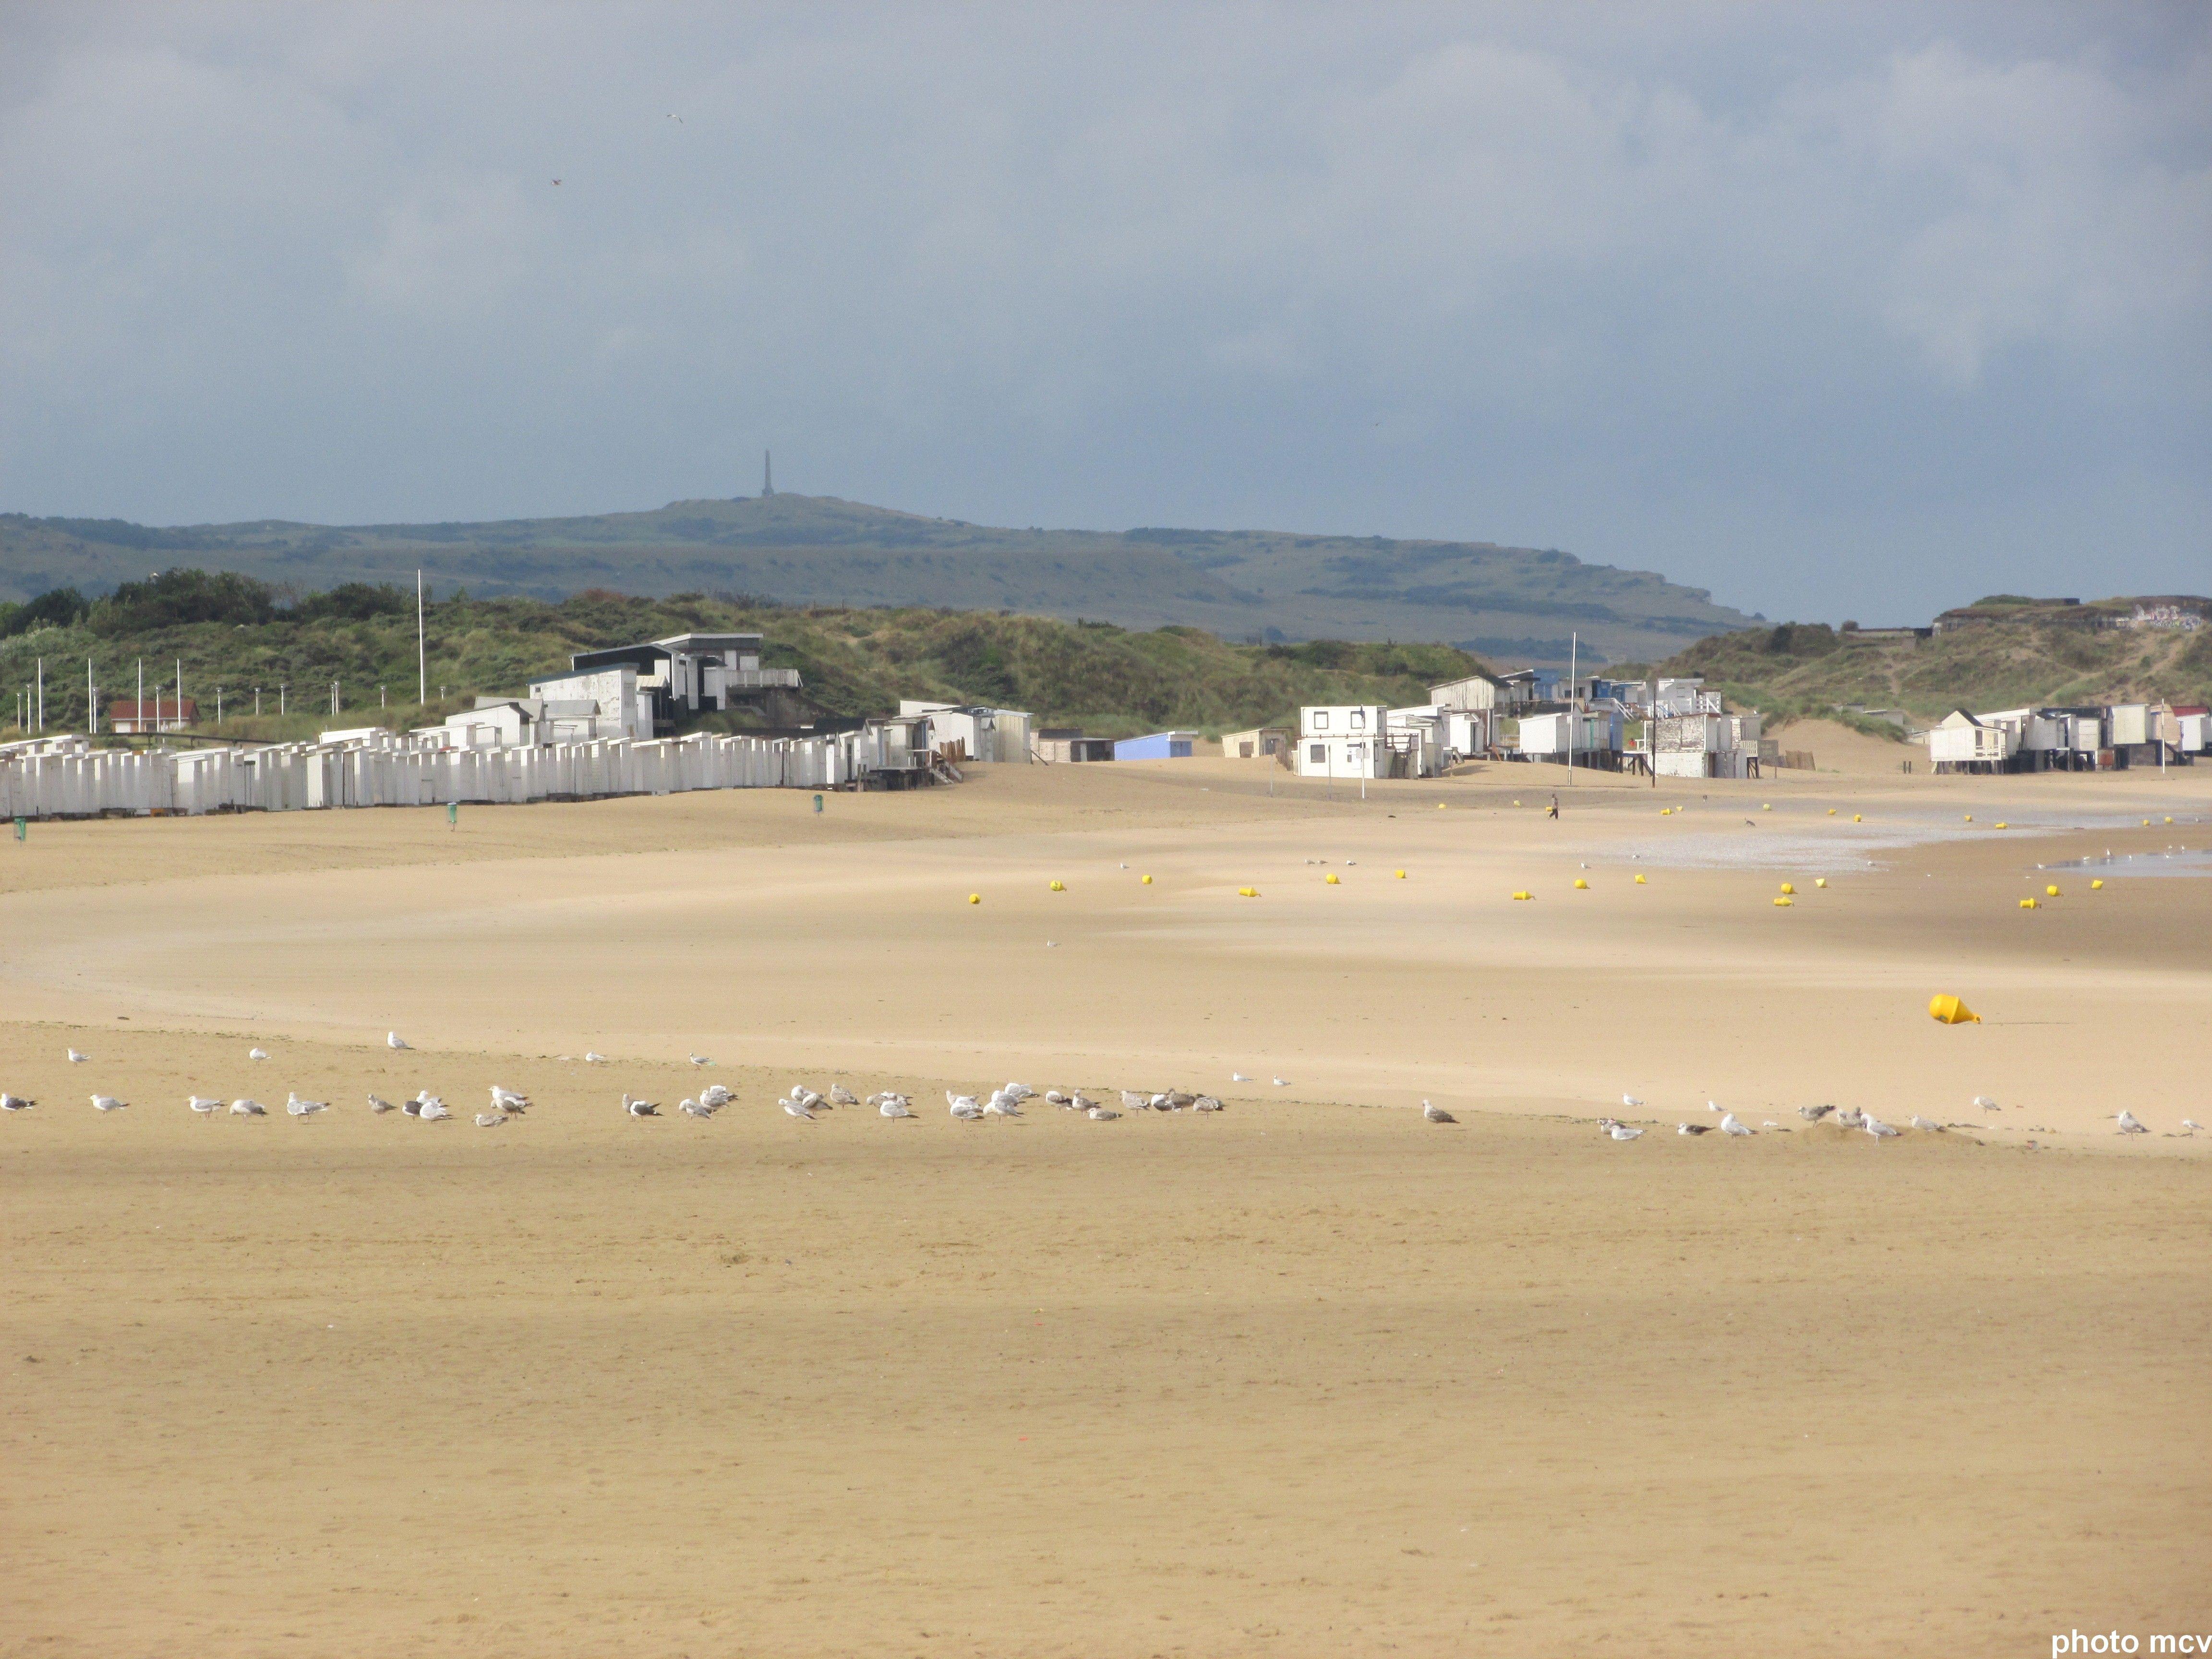 Notre superbe plage de sable fin